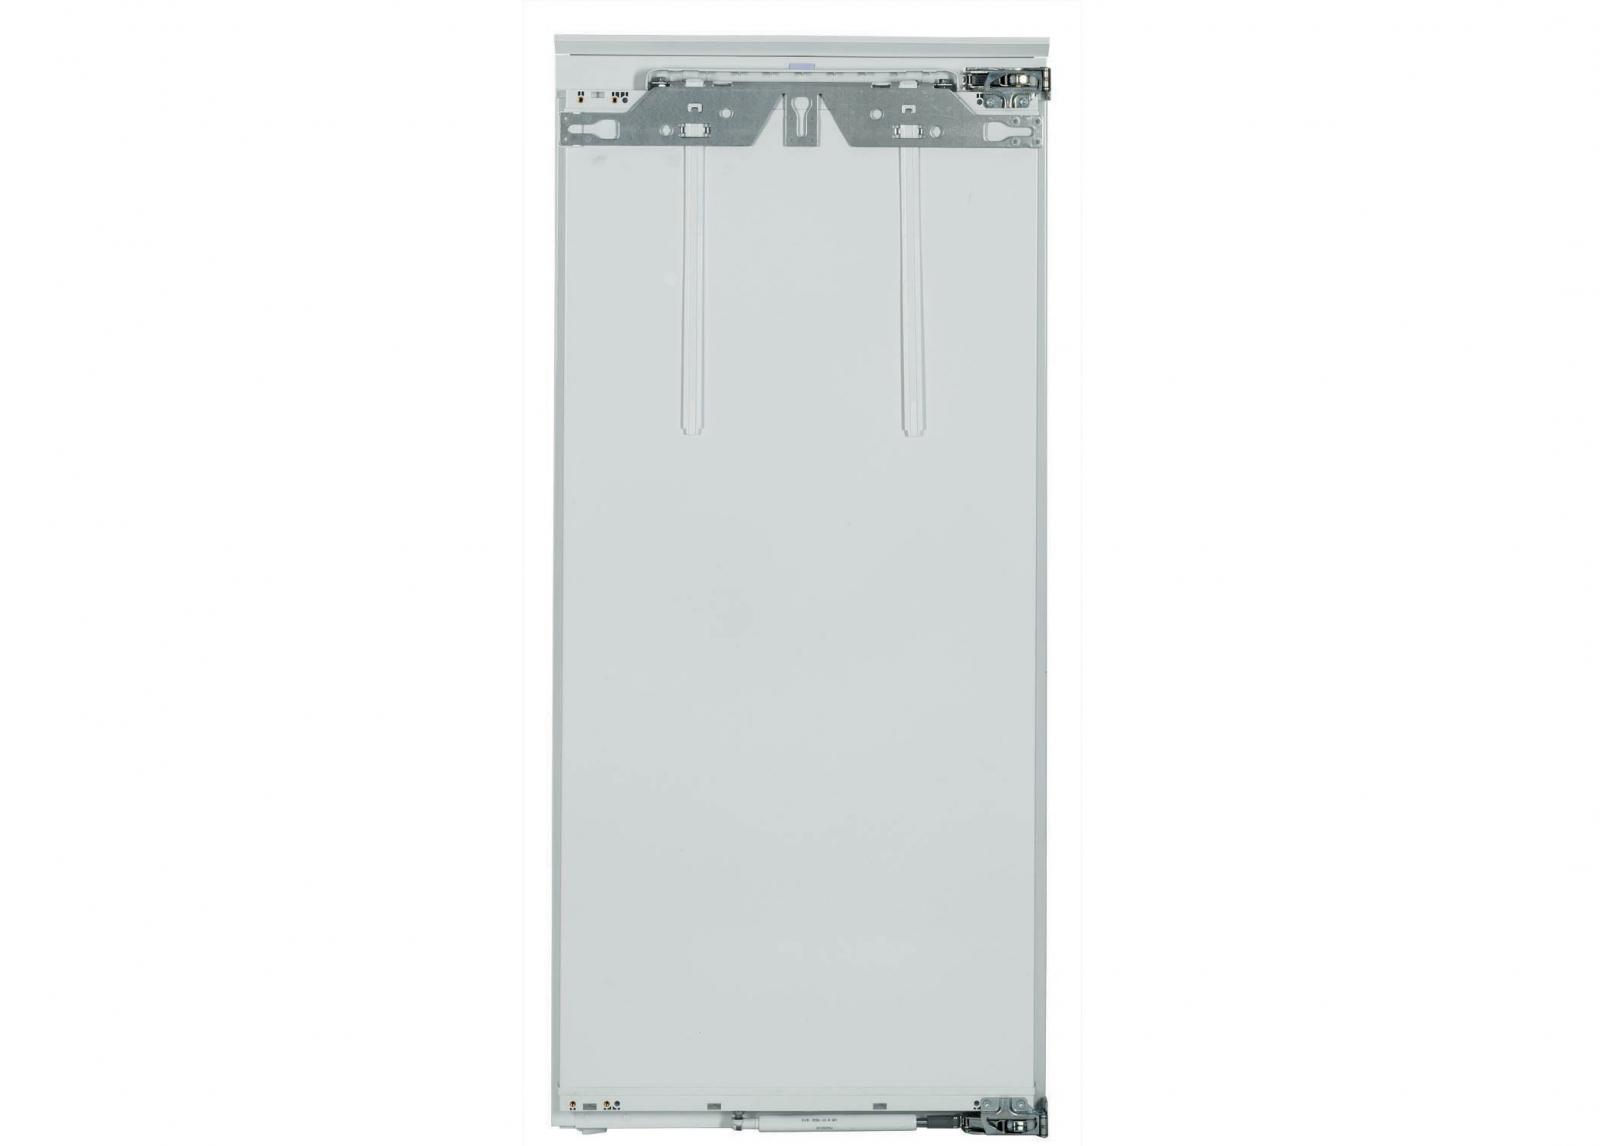 купить Встраиваемый однокамерный холодильник Liebherr IK 2360 Украина фото 2